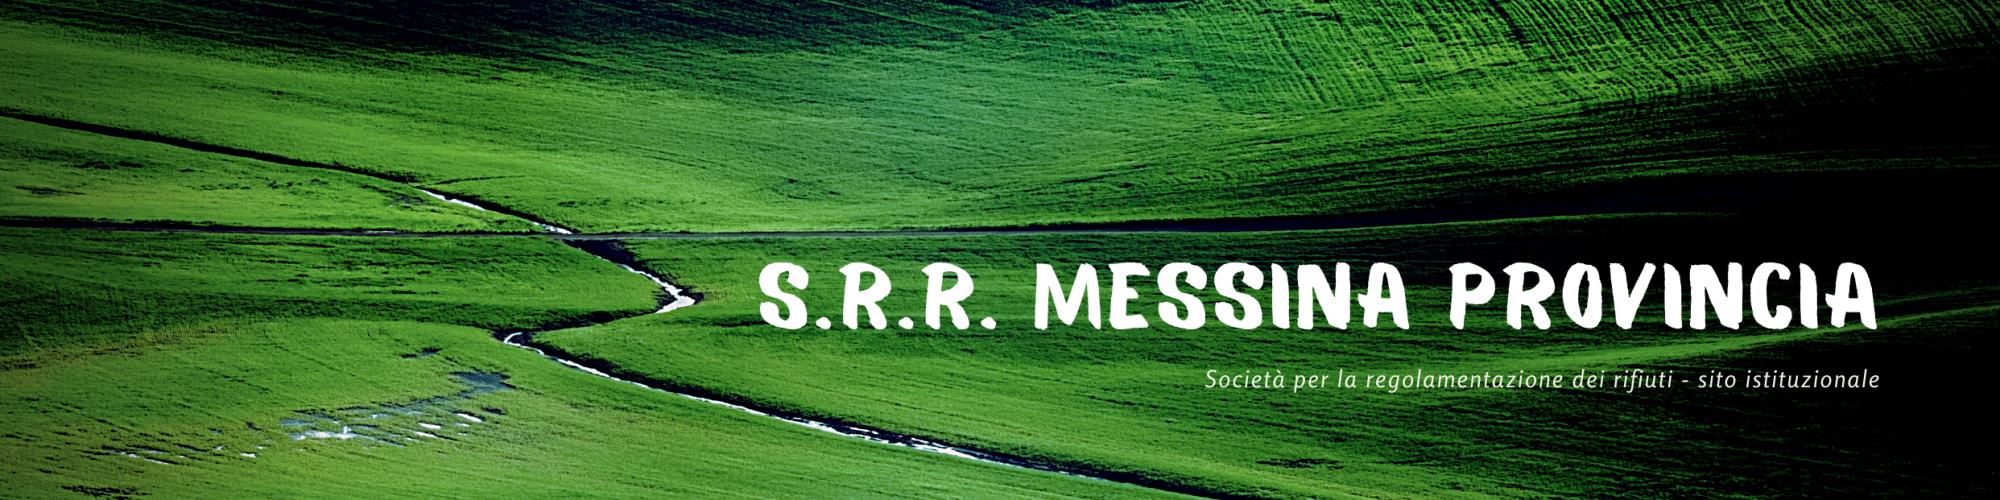 Sito Istituzionale della S.R.R. Messina Provincia